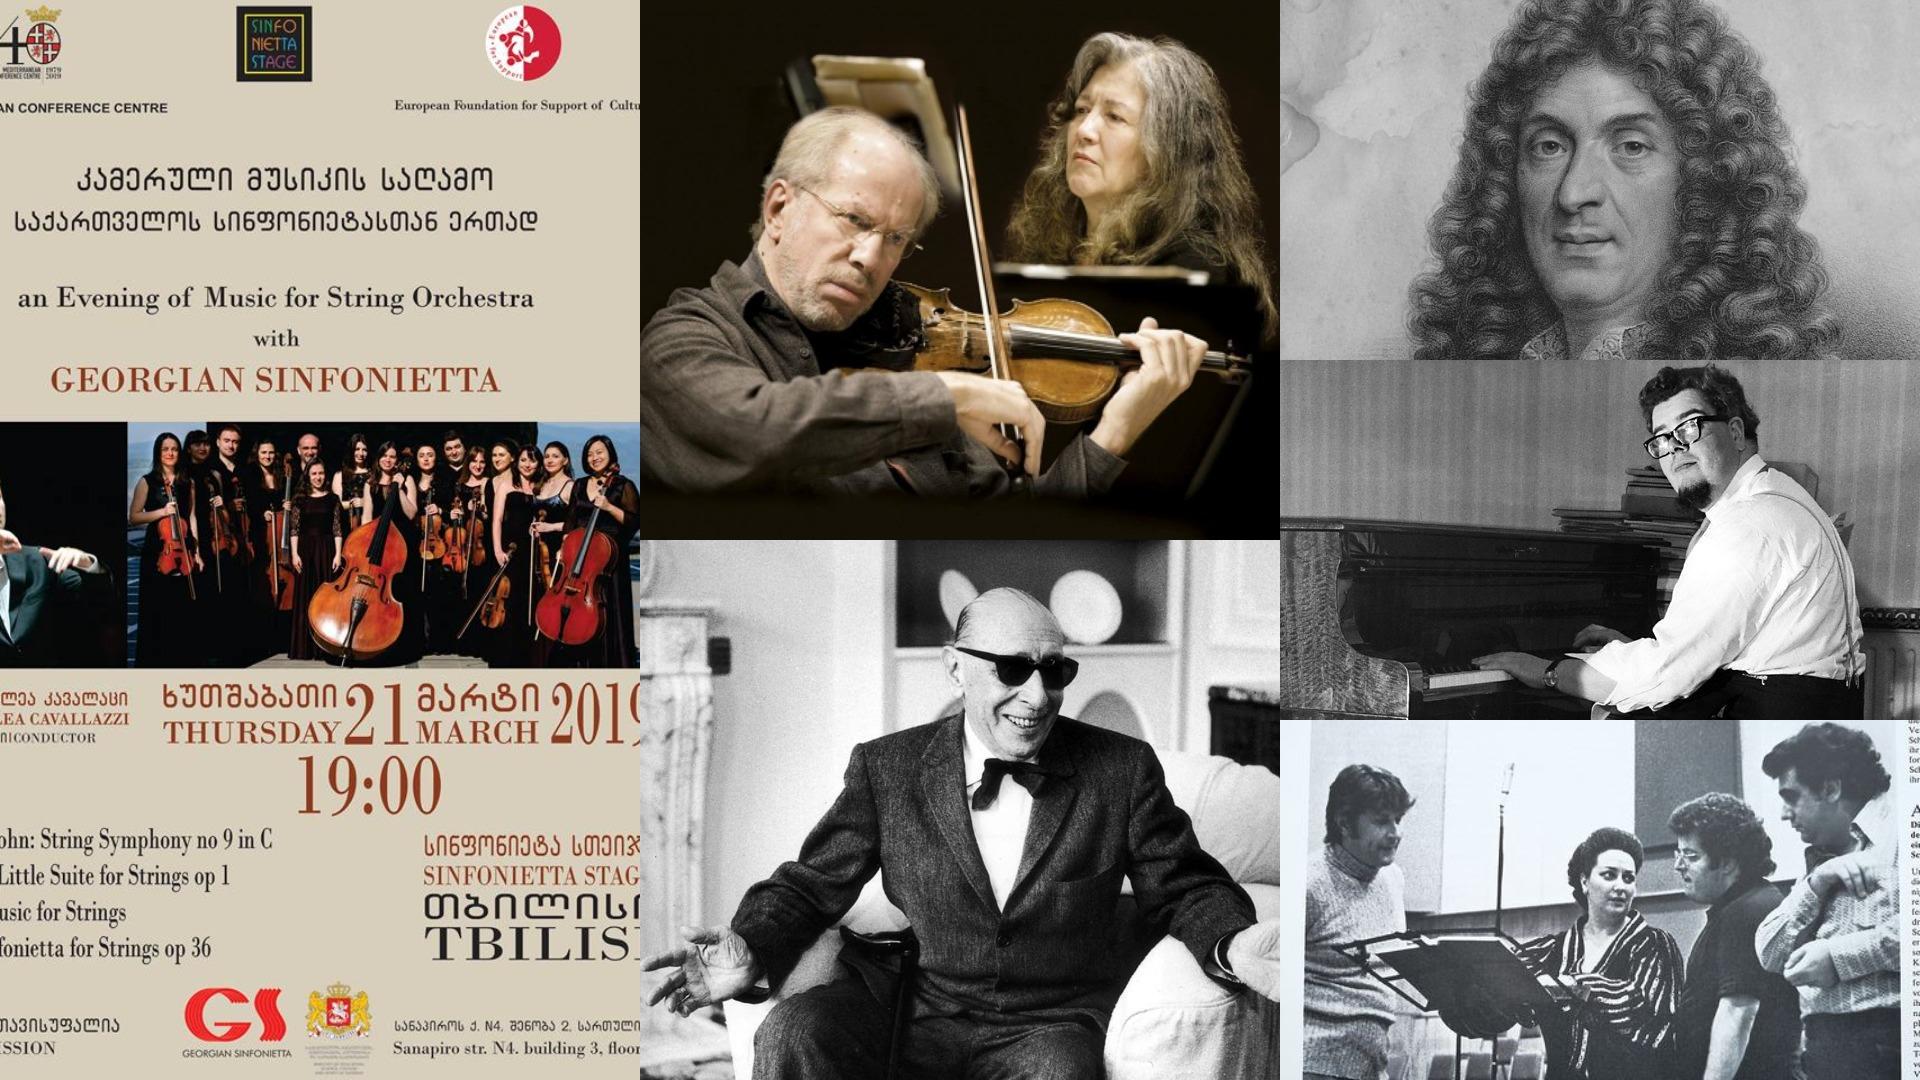 კლასიკა ყველასთვის - მუსიკალური არქივი /მუსიკა ჩვენი დარბაზებიდან / კლასიკური მუსიკის გამორჩეული ნიმუშები